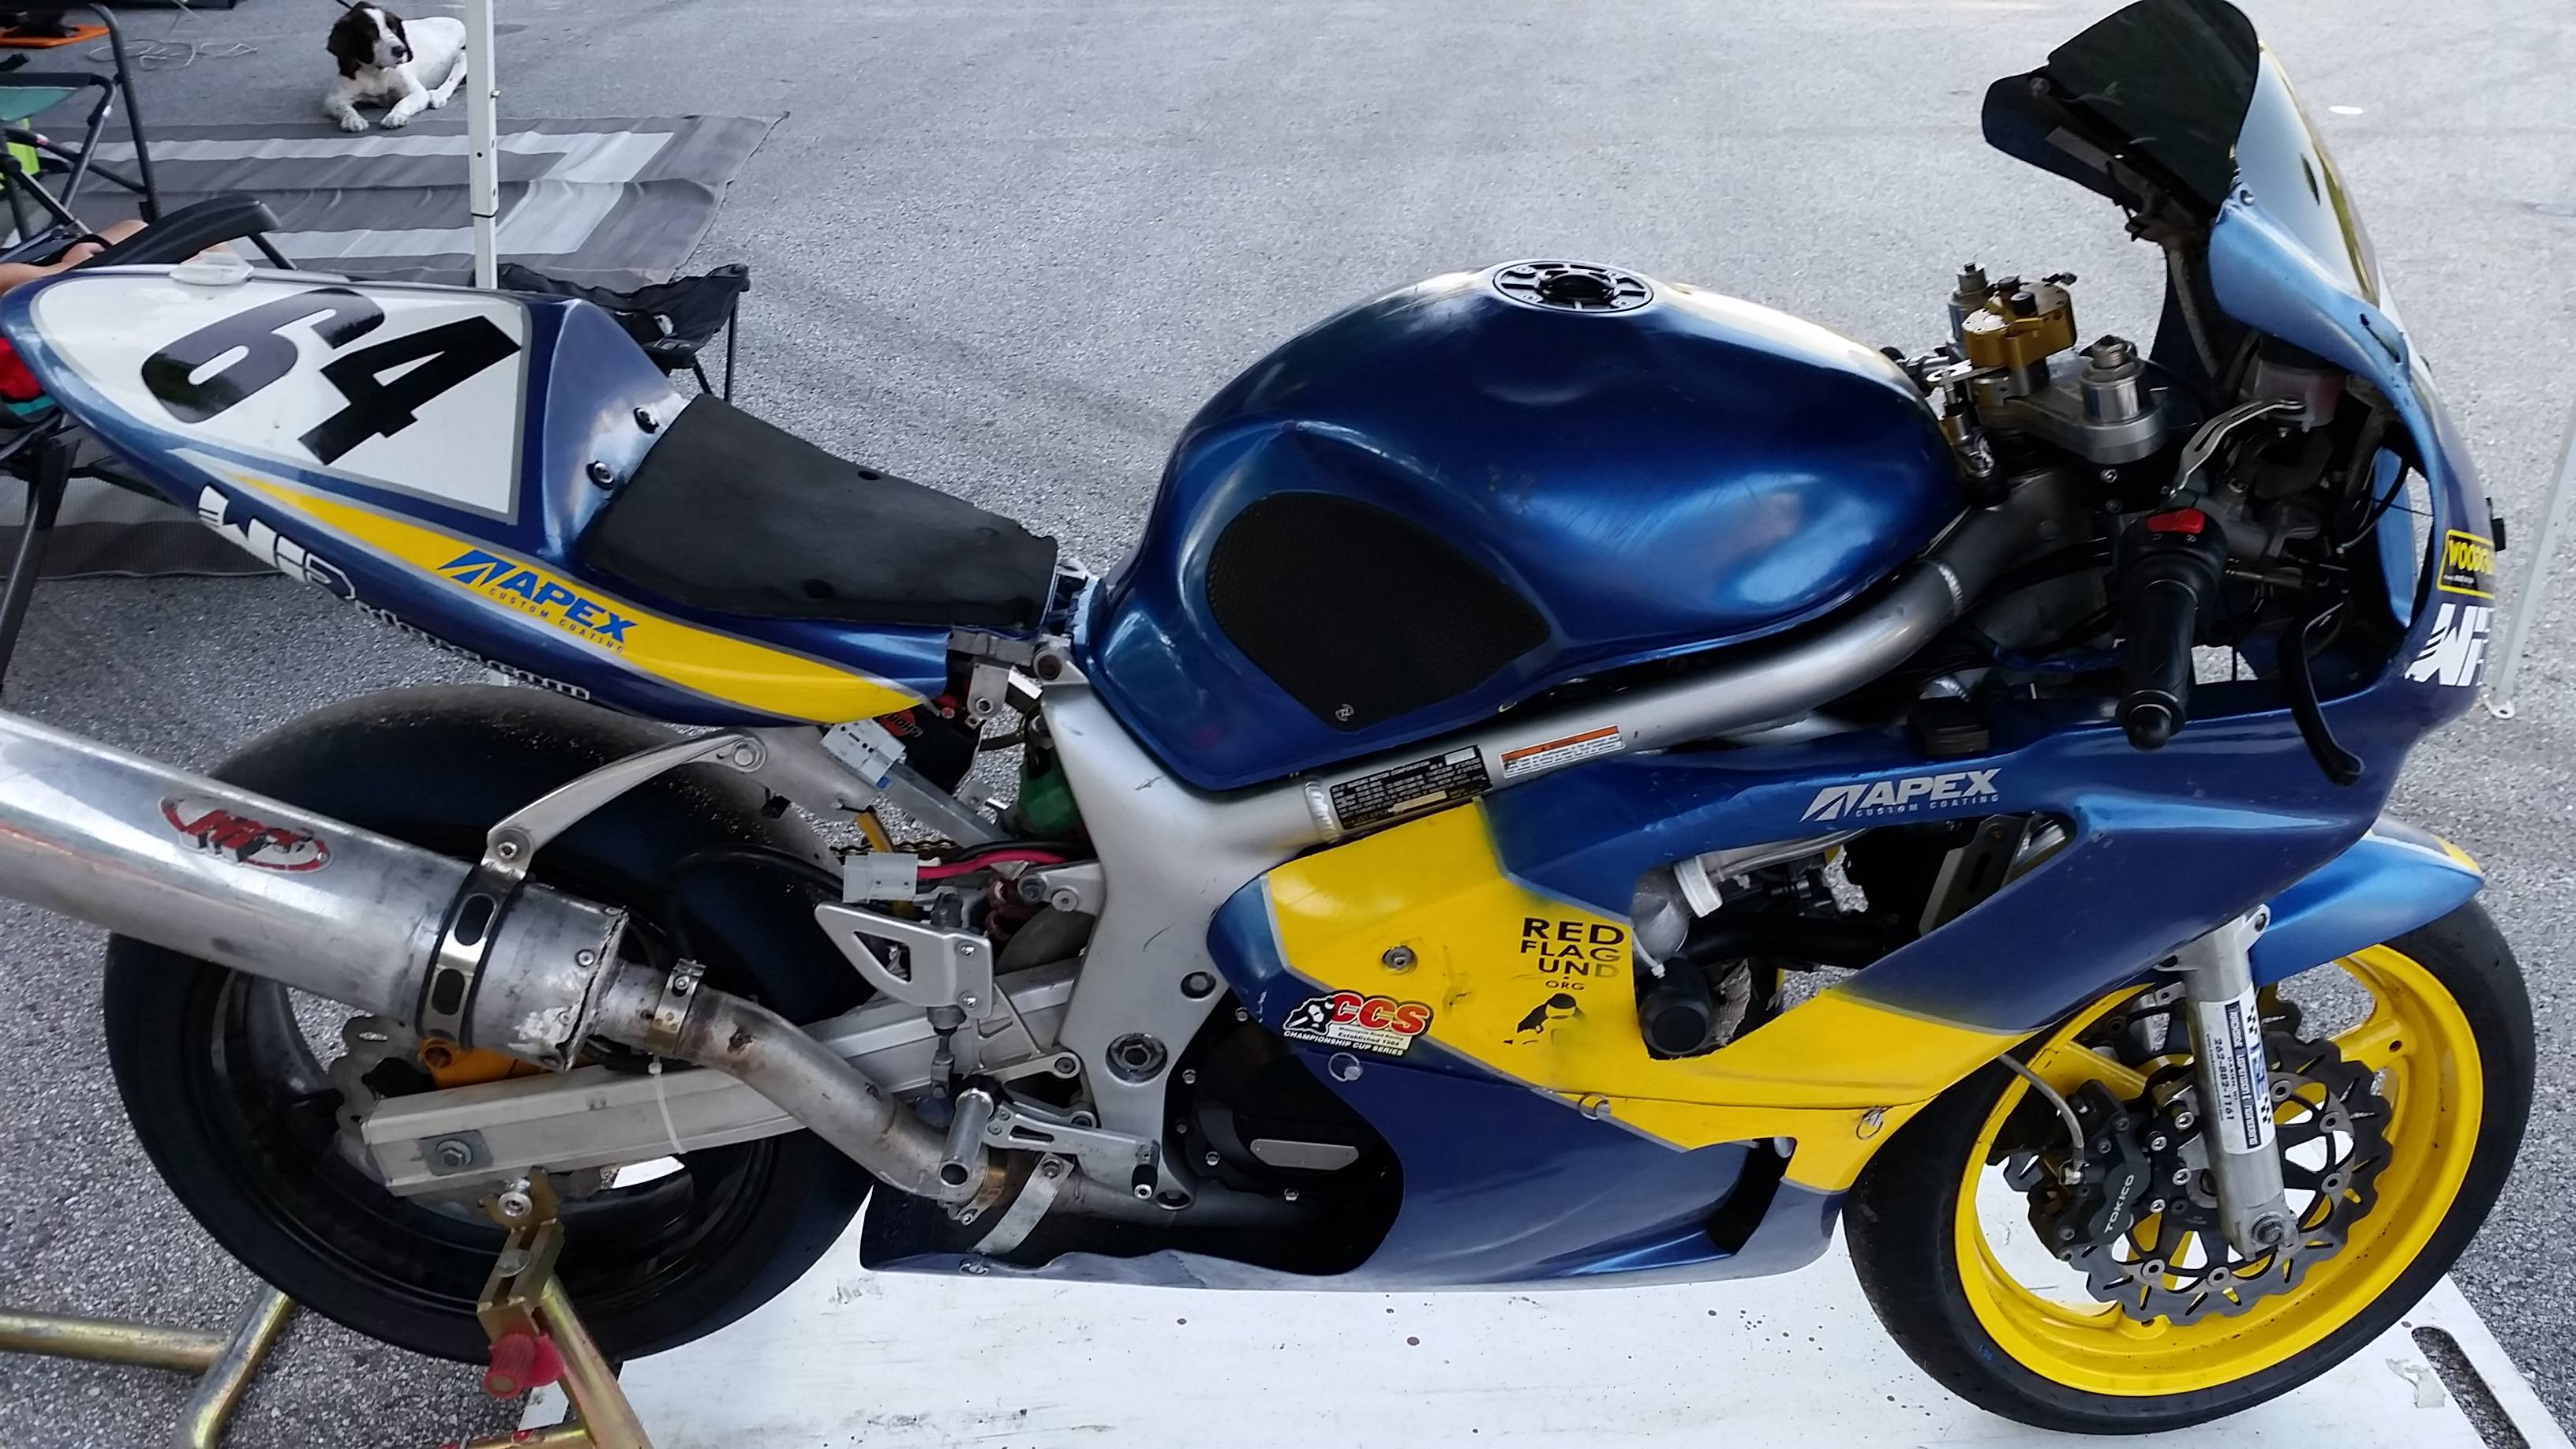 2001 sv650 track race bike 3500 cambridge wi suzuki sv650